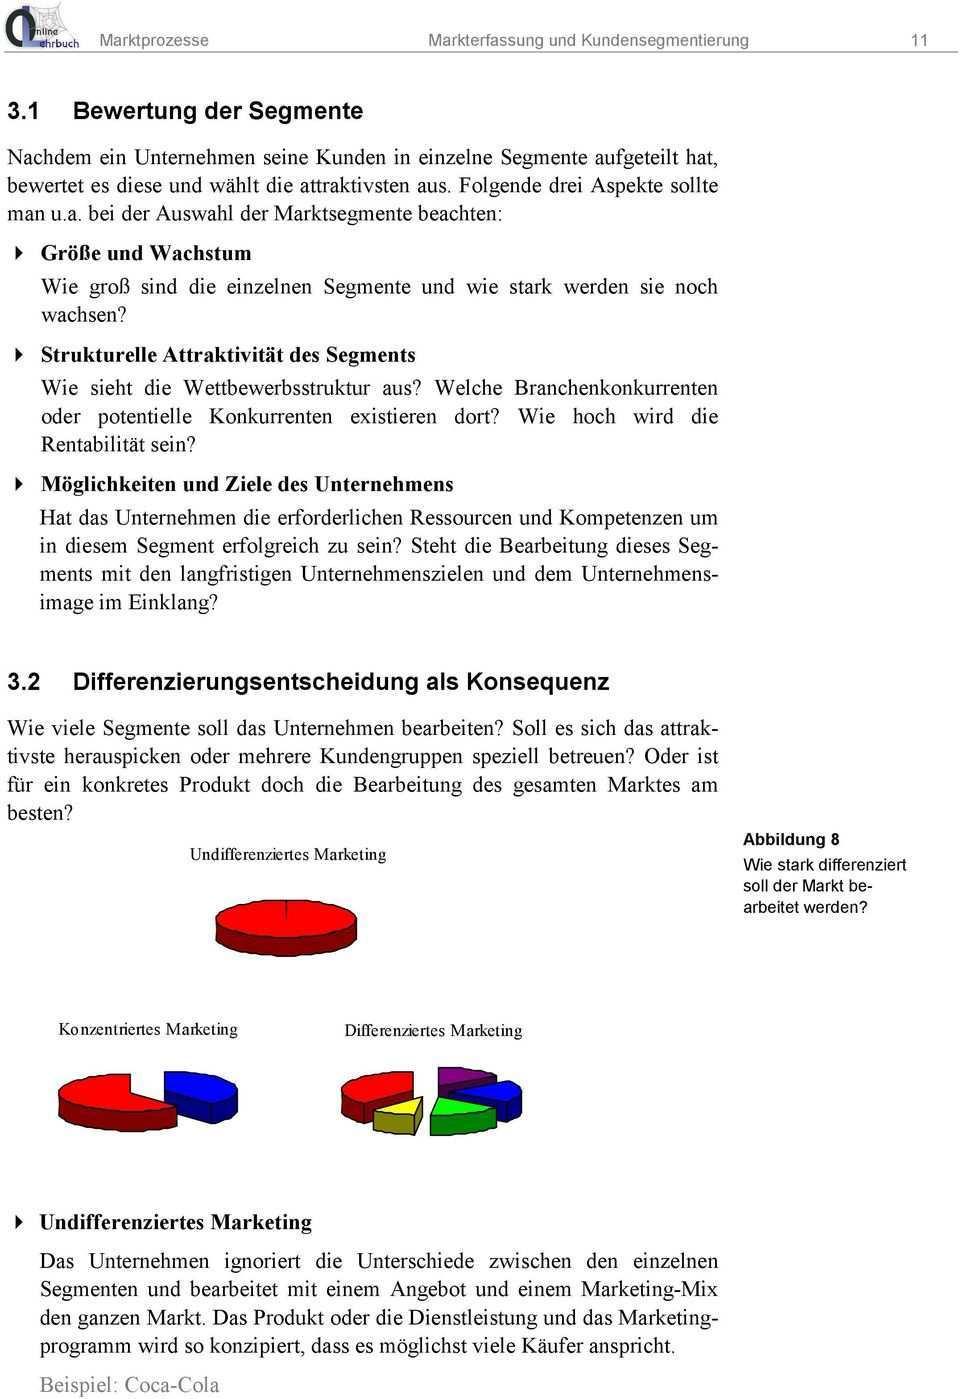 Marktprozesse Markterfassung Und Kundensegmentierung Kundenmanagement Kapitel 2 Pdf Free Download